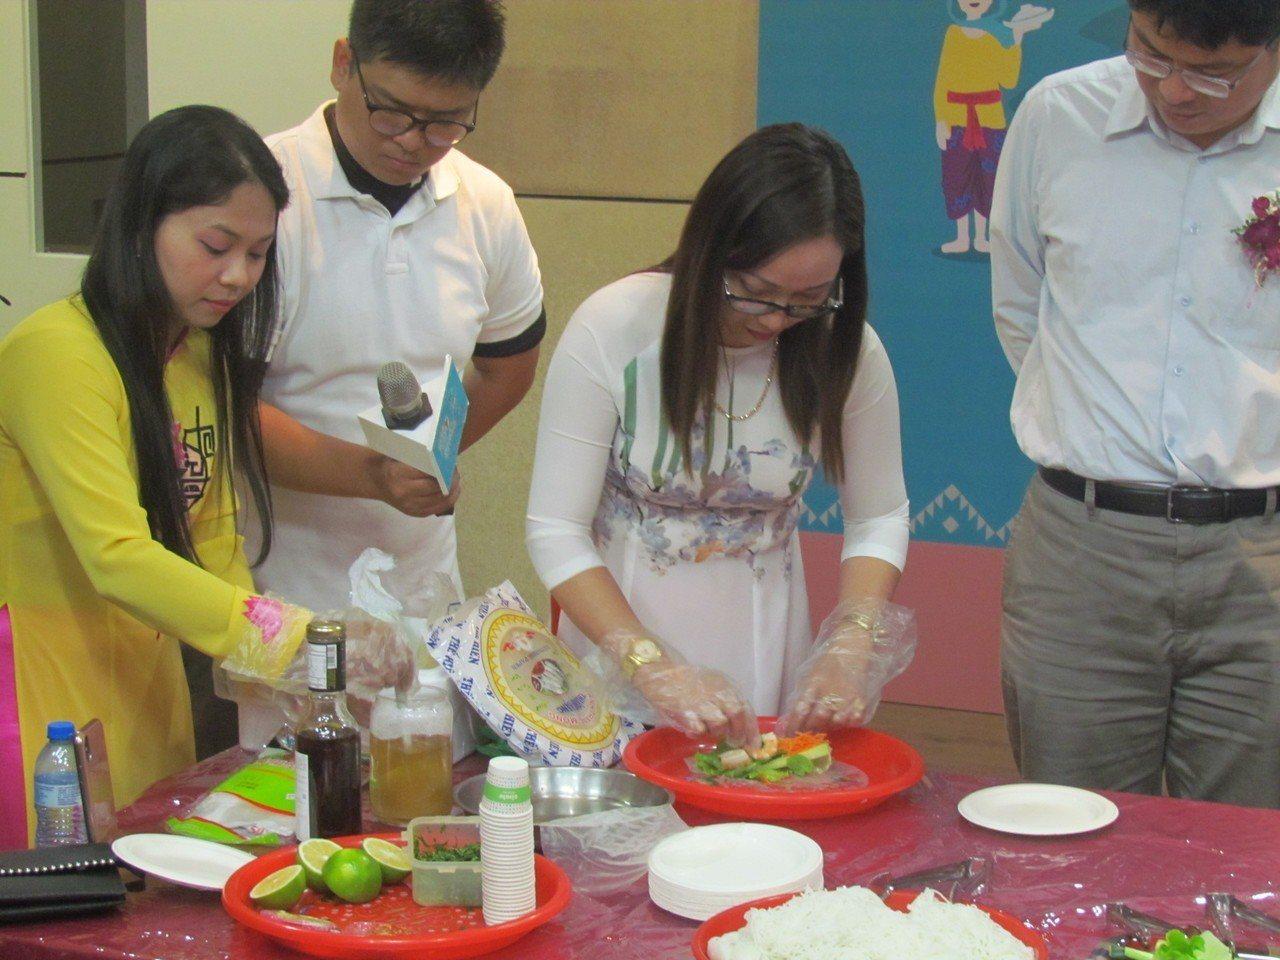 來自越南的新住民今天在記者會中,示範製作越南傳統美食。記者張家樂/攝影